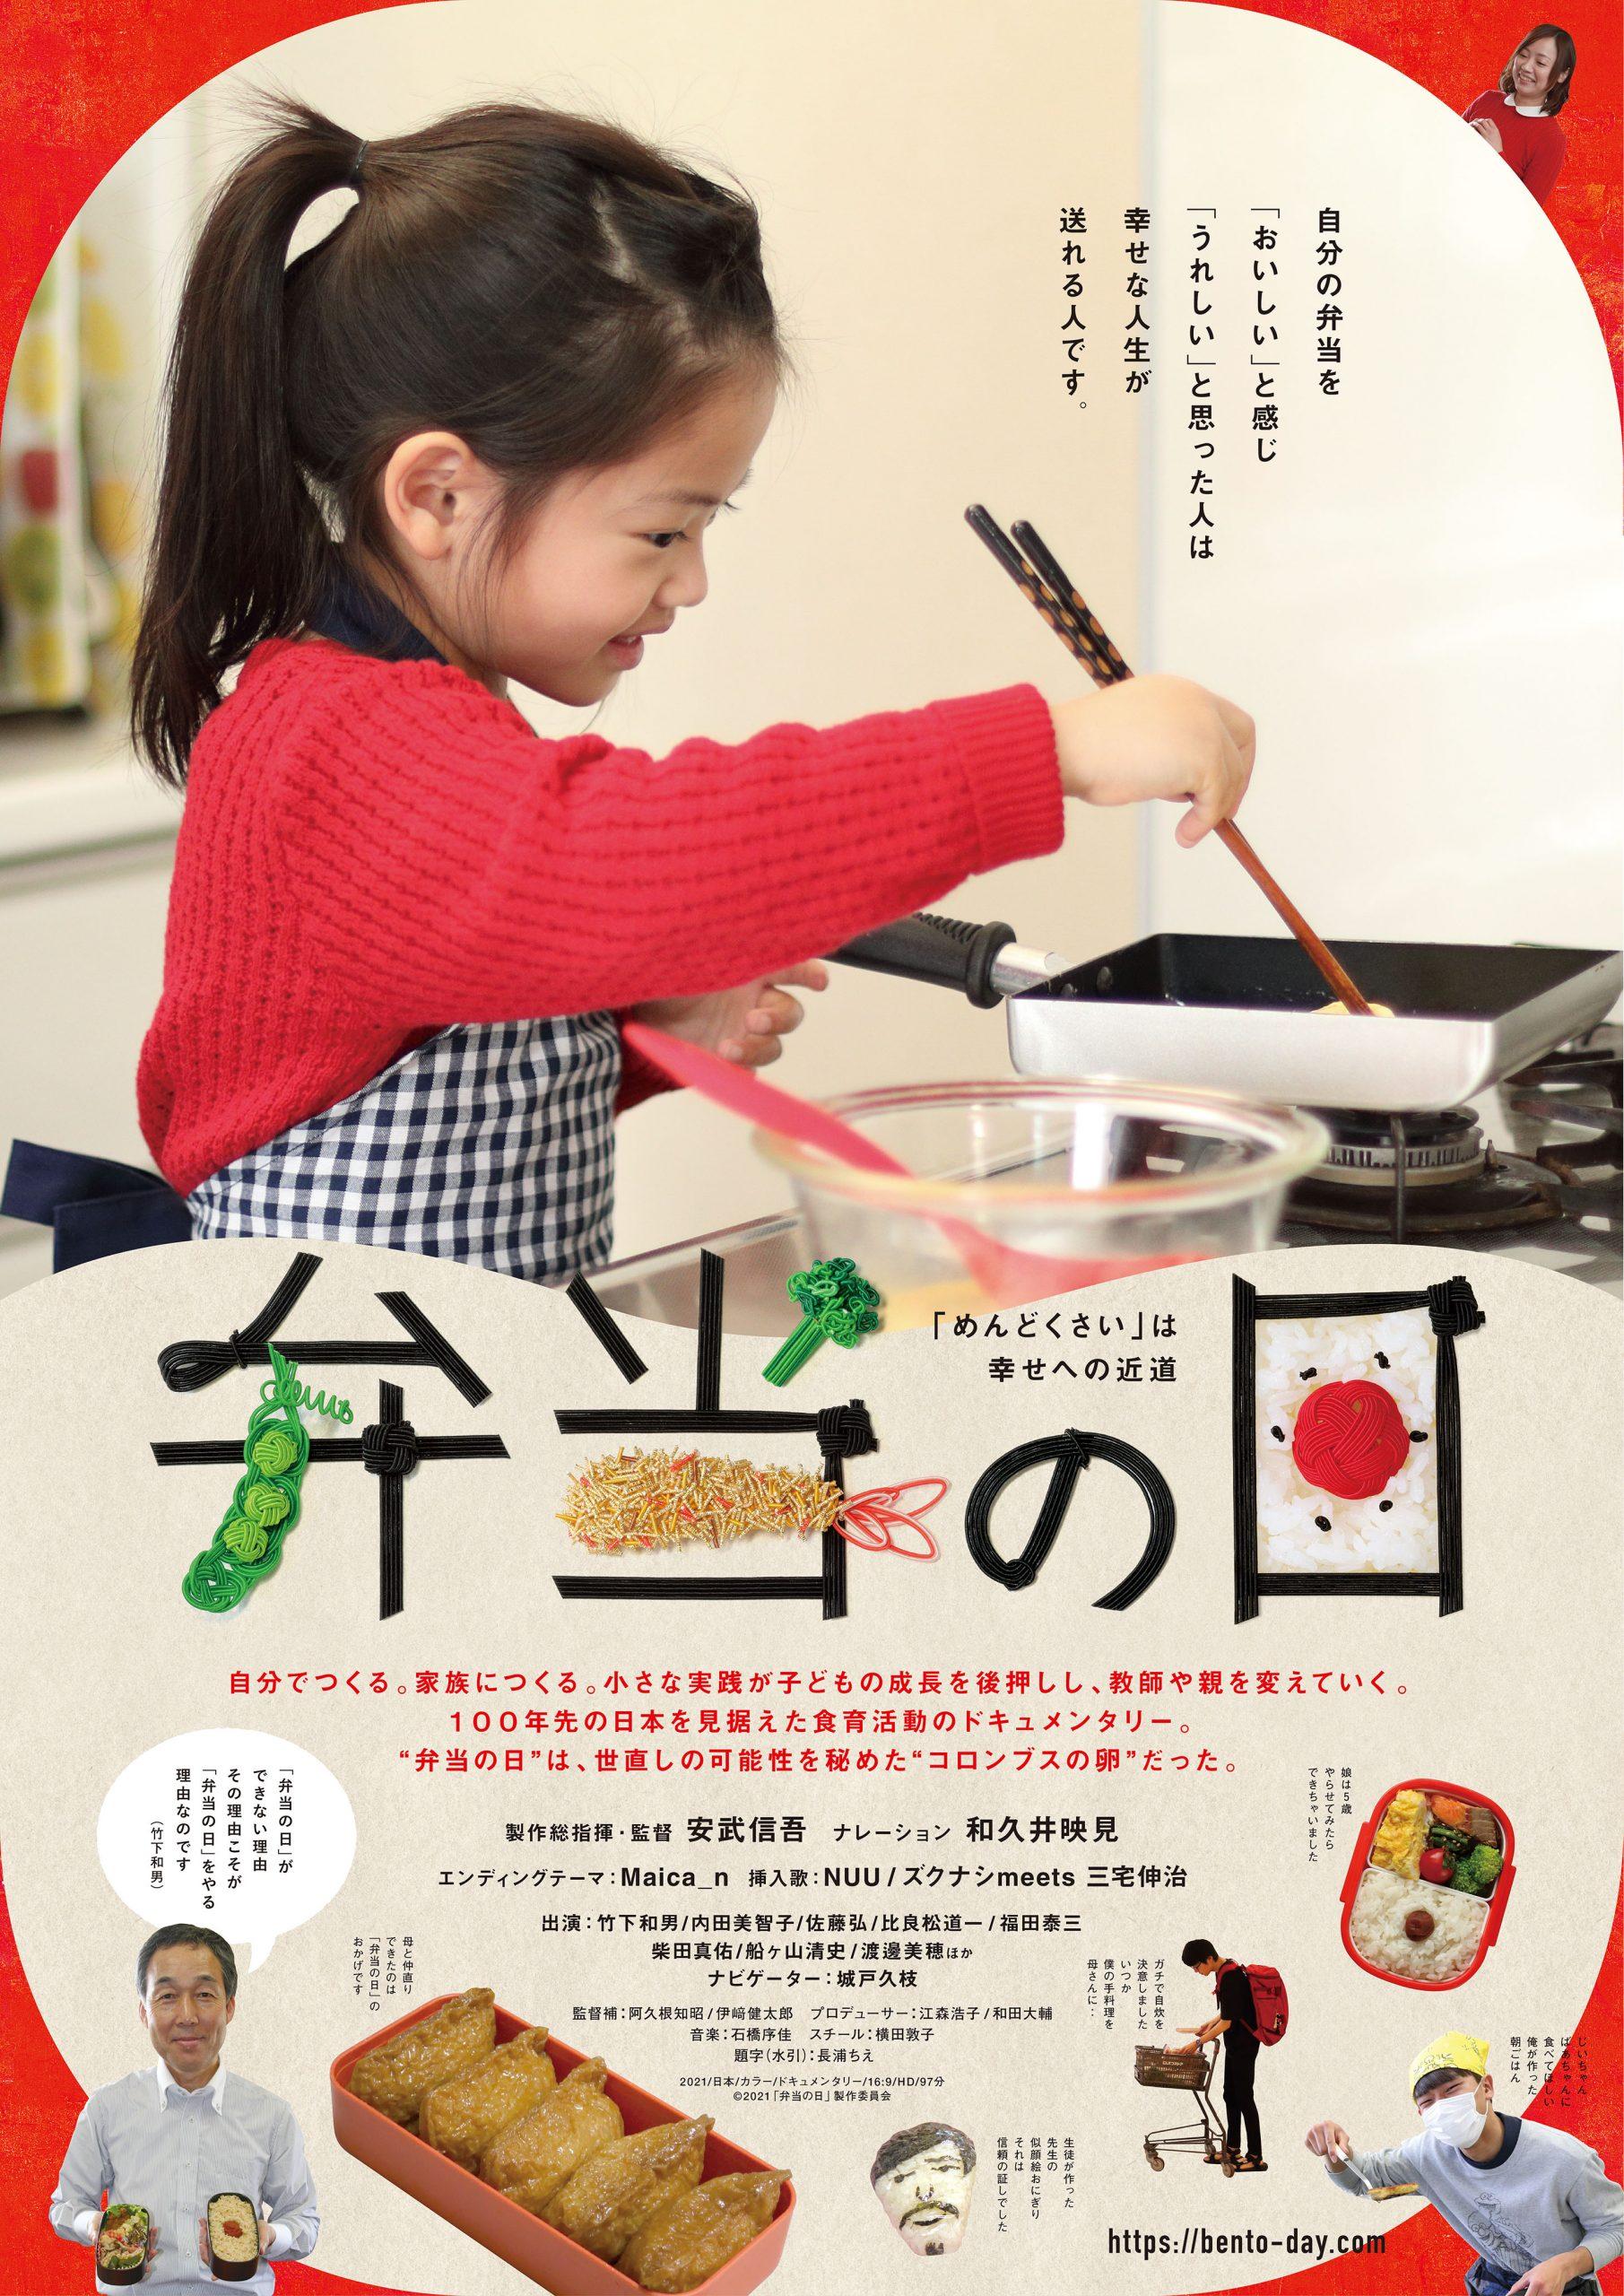 ドキュメンタリー映画「弁当の日『めんどくさい』は幸せへの近道」完成!